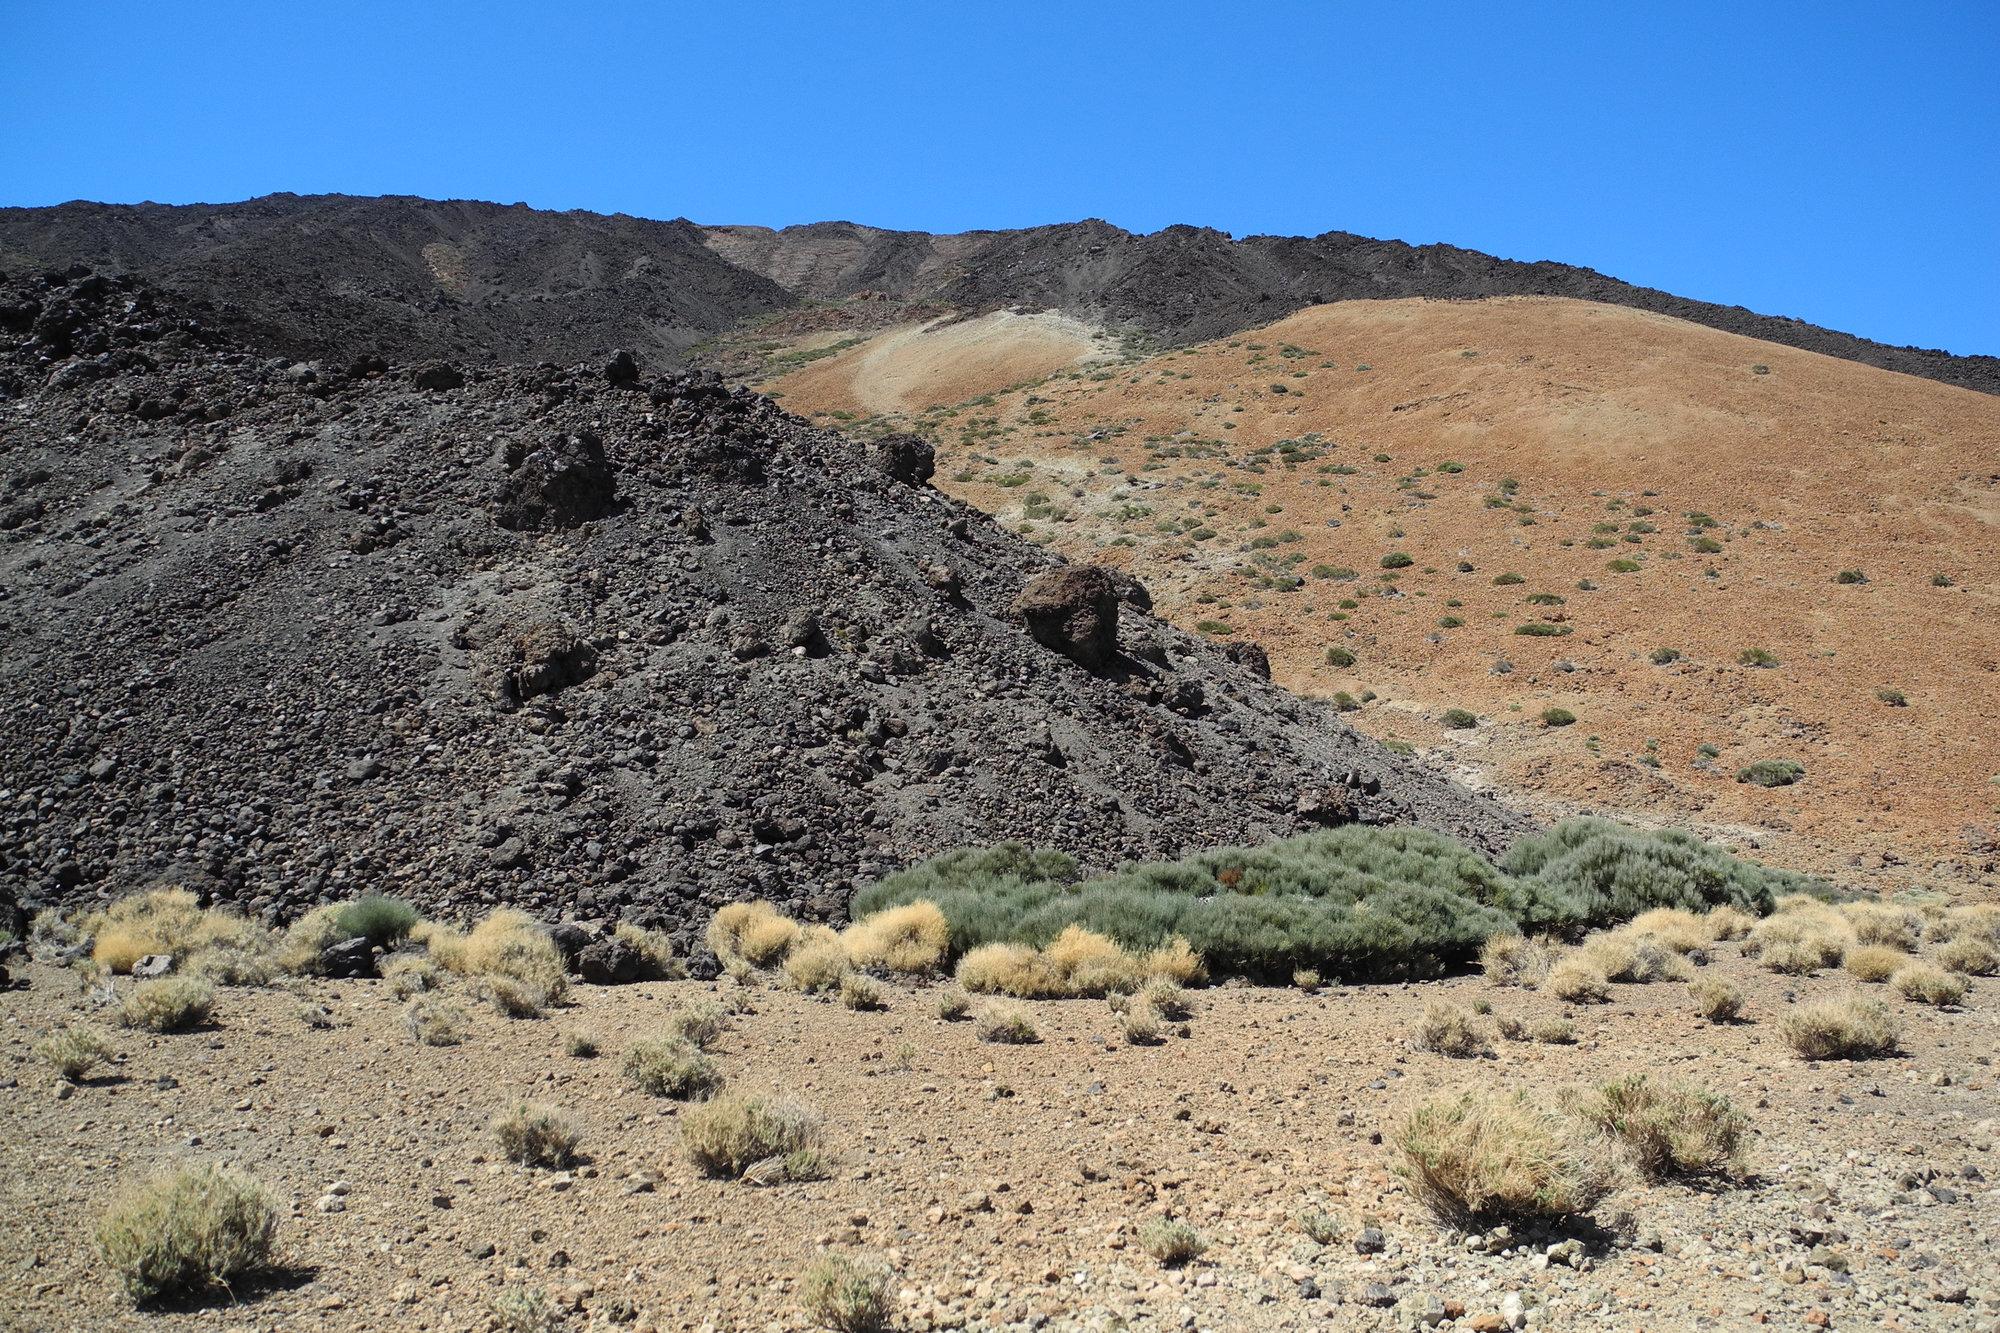 krajina pod sopkou Pico del Teide